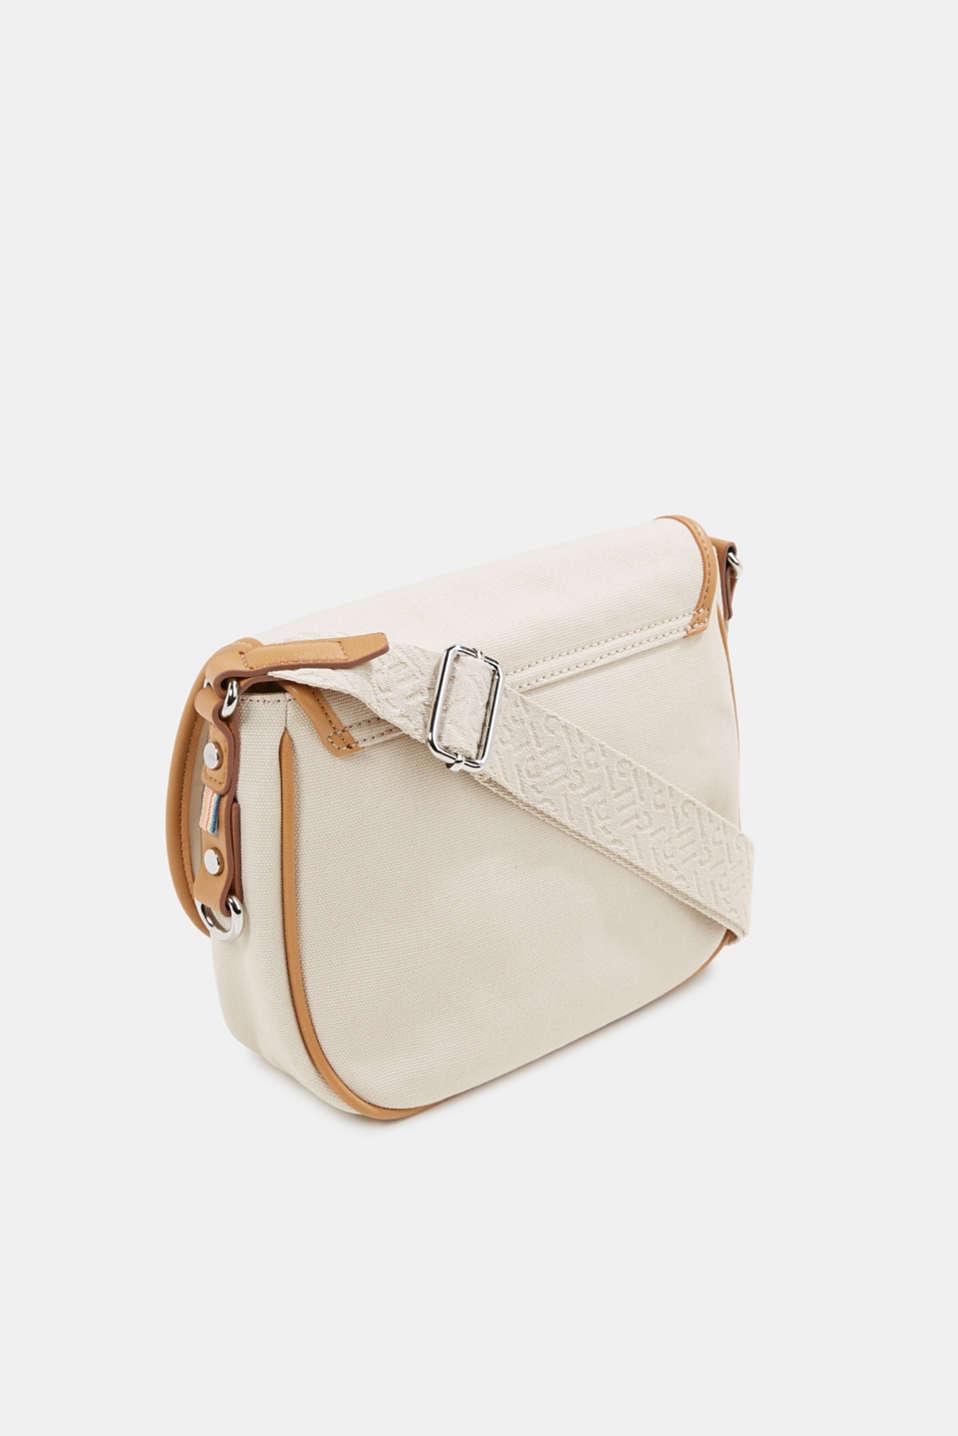 Susie T. shoulder bag, LIGHT BEIGE, detail image number 5